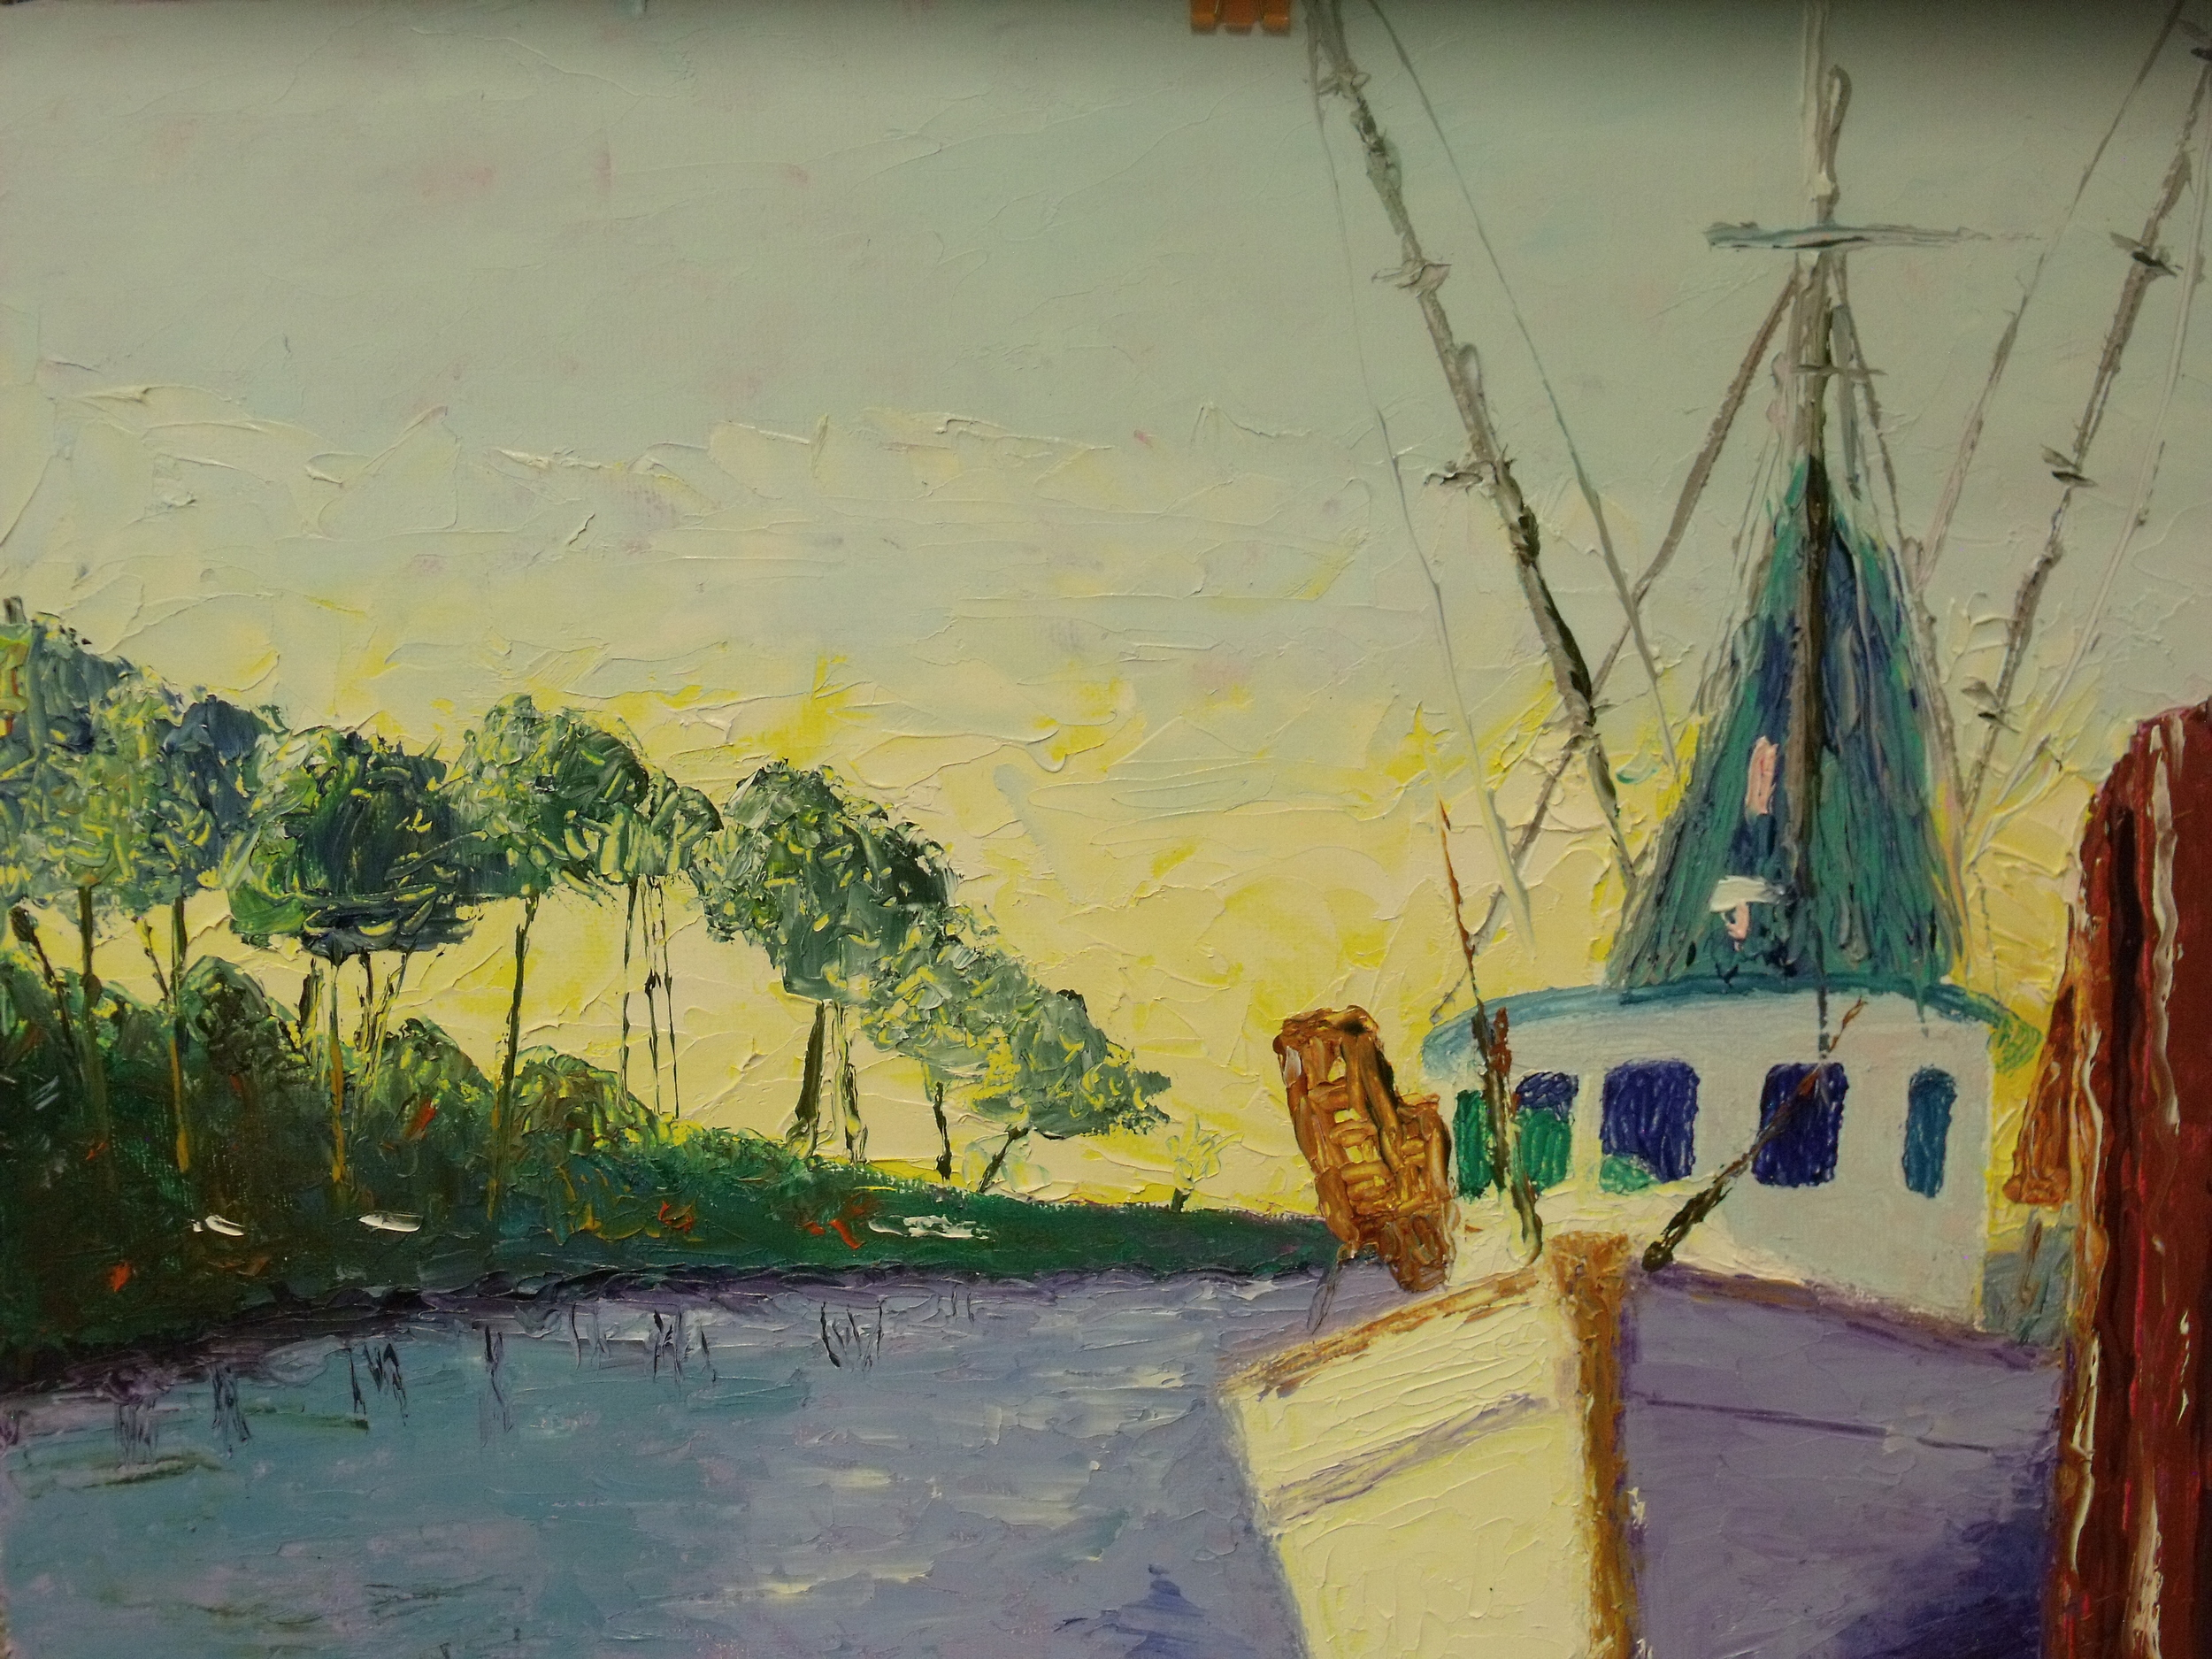 Trawler at Dock by Jane Gibbs  $120